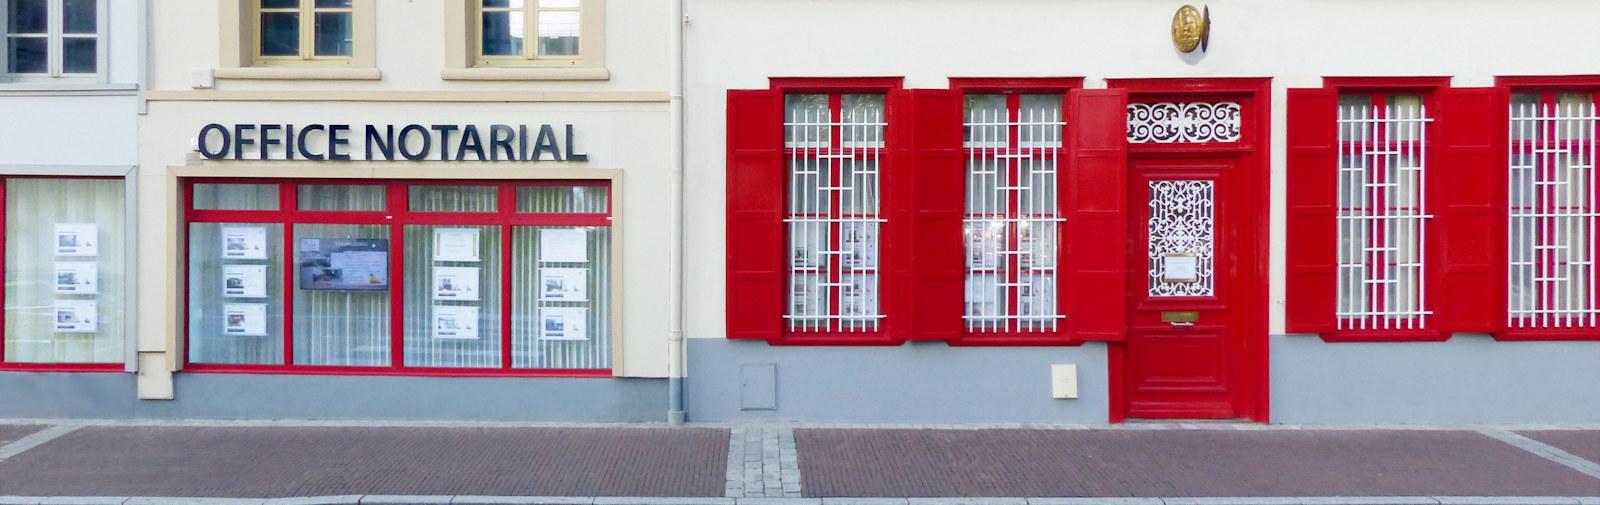 Notaires Adrover Huet - Tourcoing, rue de Tournai